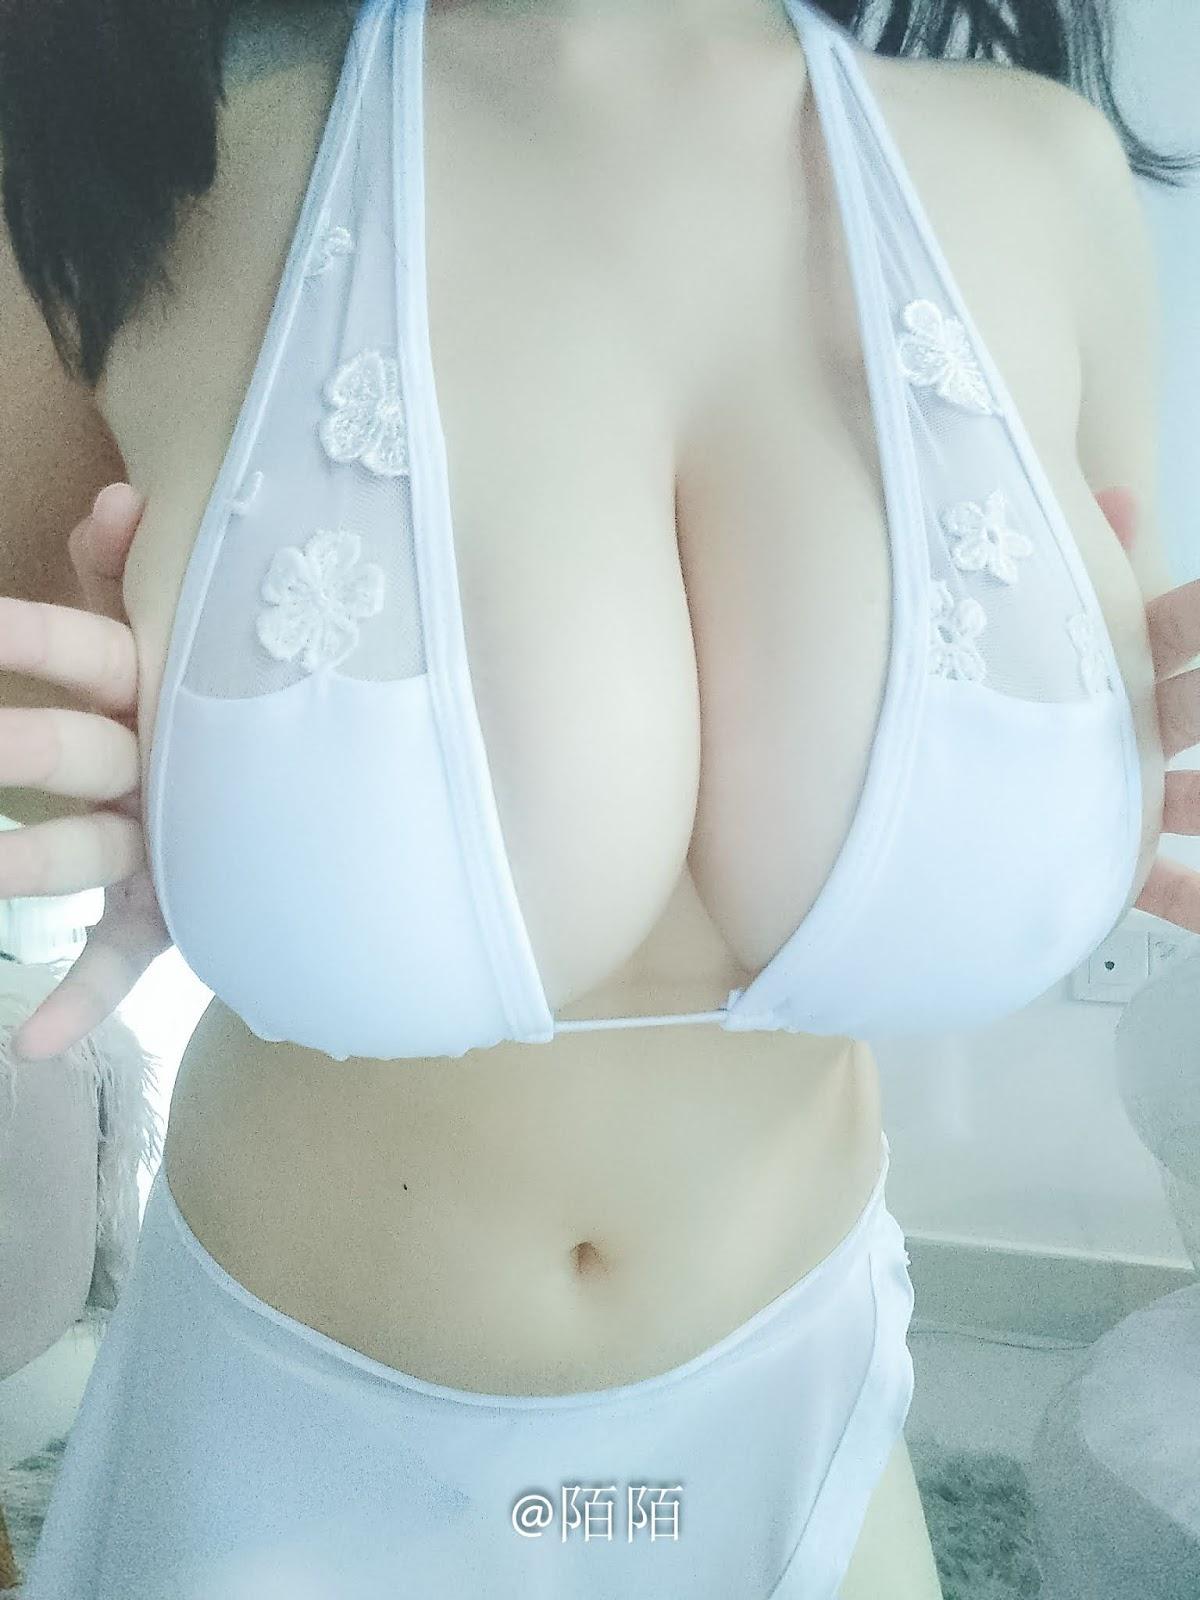 하얗고 큰 가슴 - 꾸르